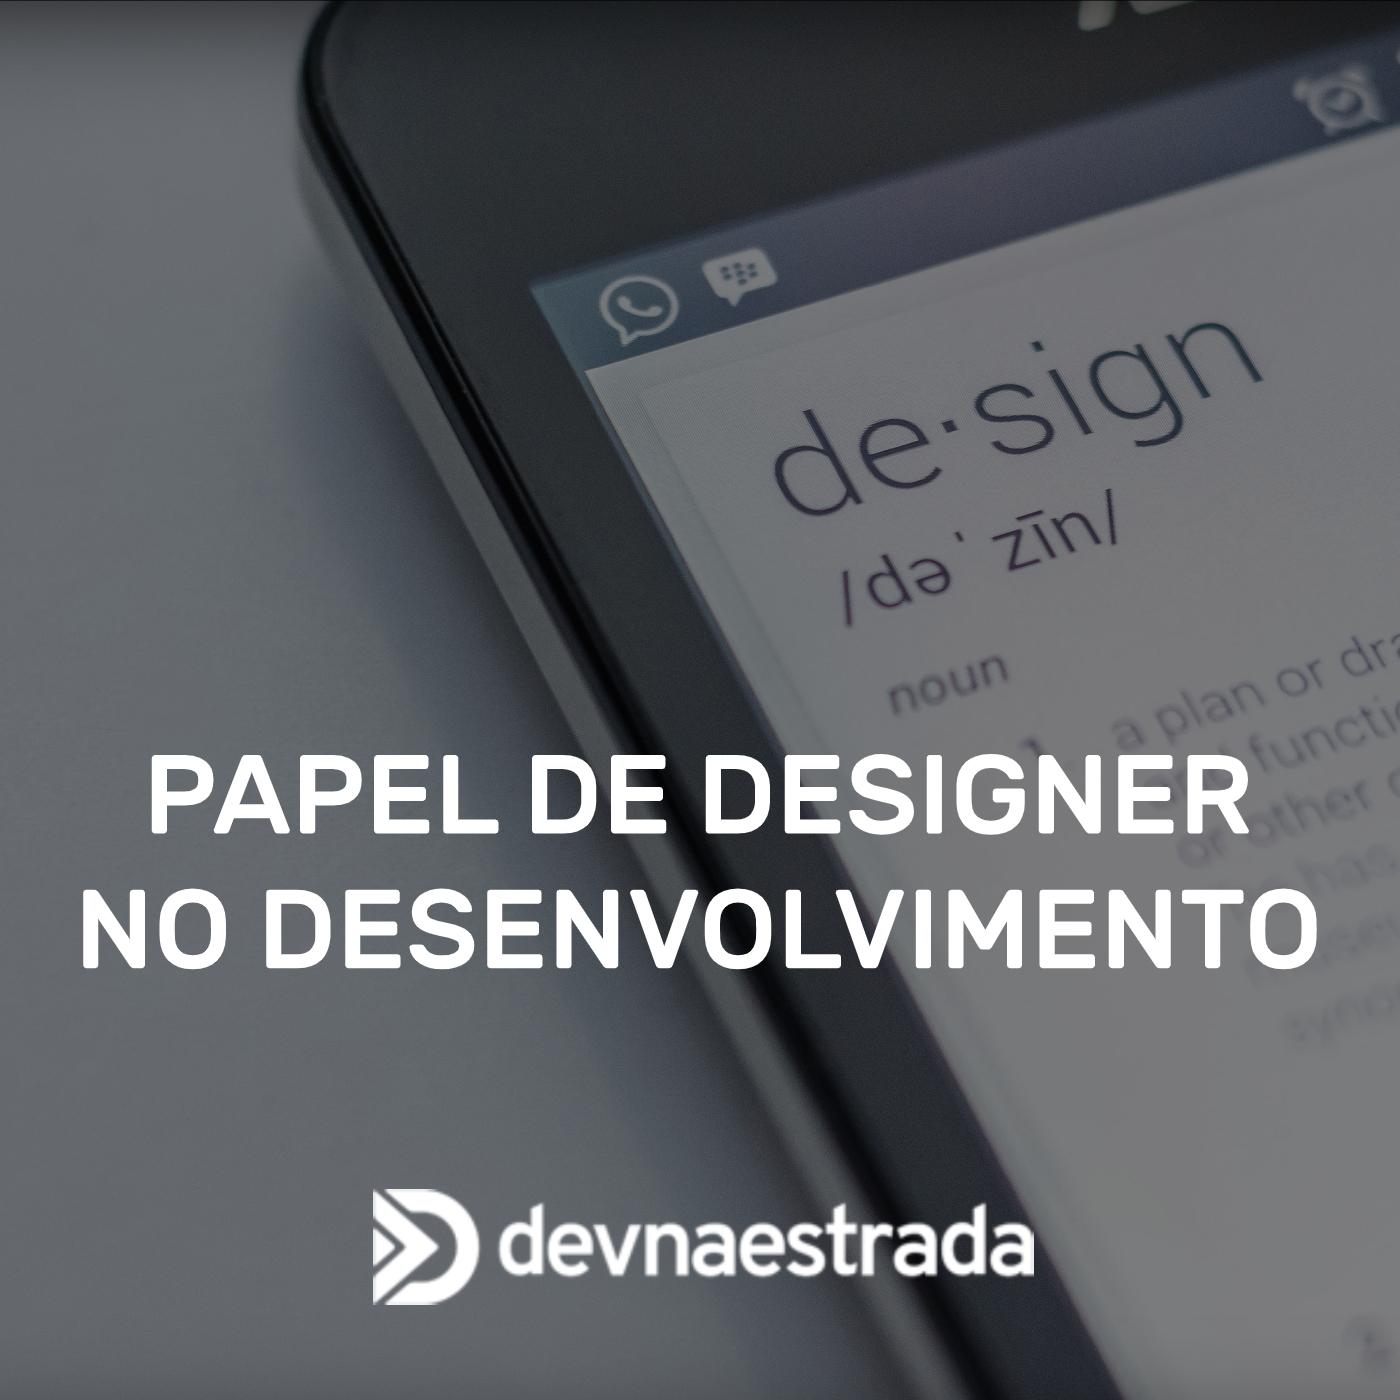 Papel de Designer no Desenvolvimento